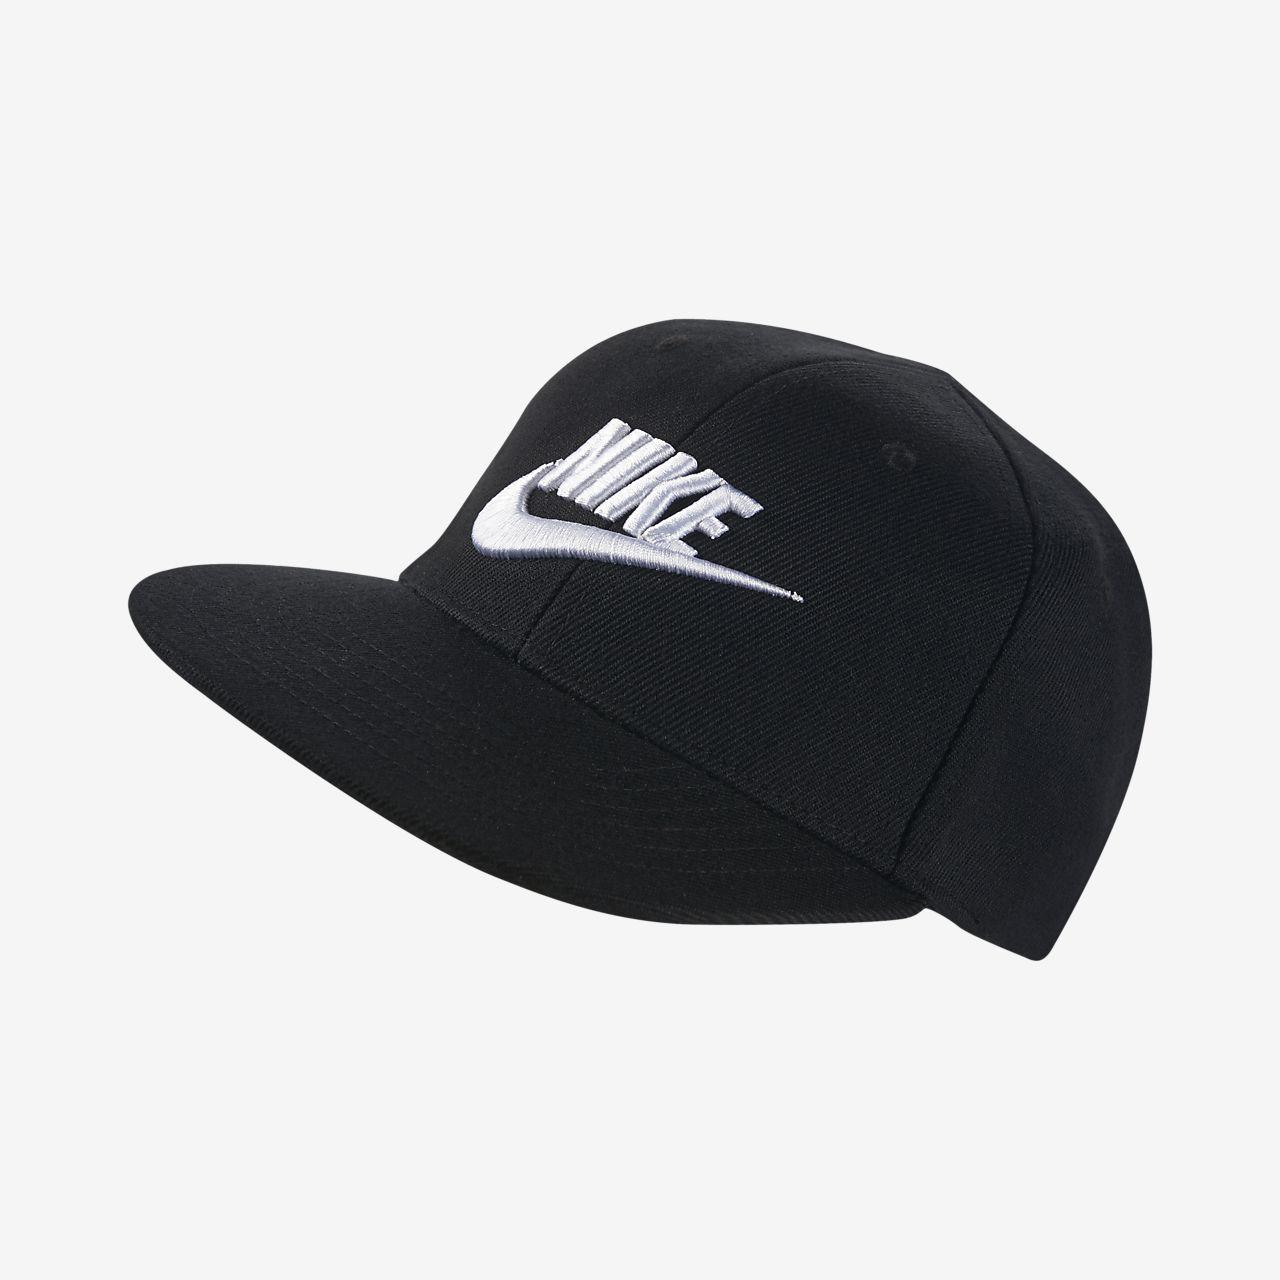 aa43be3ed21c0 Casquette réglable Nike pour Jeune enfant. Nike.com BE